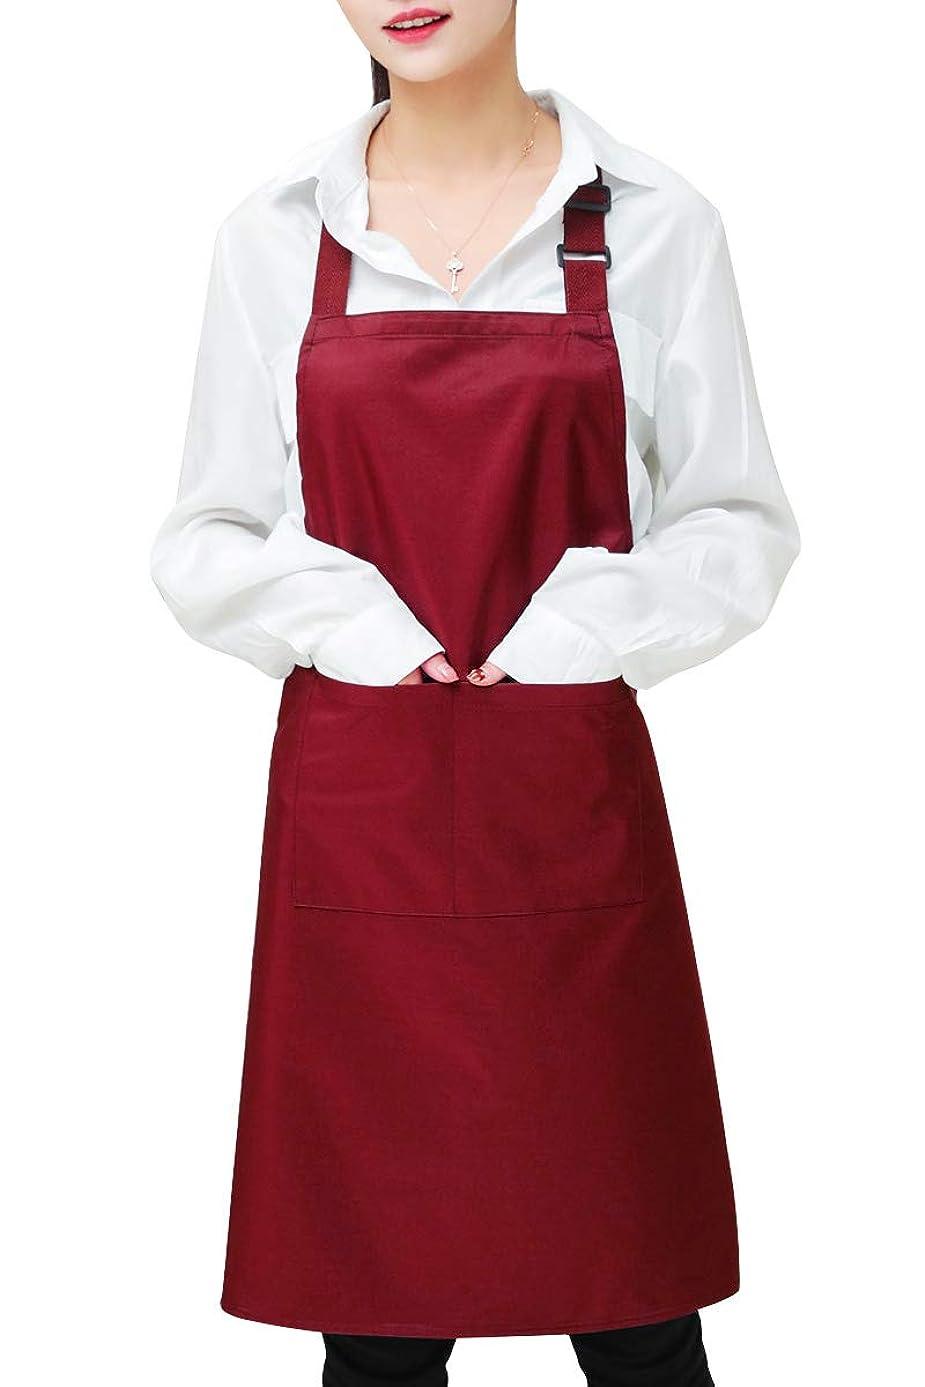 カバー固める雇うINKARO シンプルエプロン 首掛け 調整可能 防水 シワになりにくい 汚れにくい 仕事用?料理室 家庭用 男女兼用 (レッド)